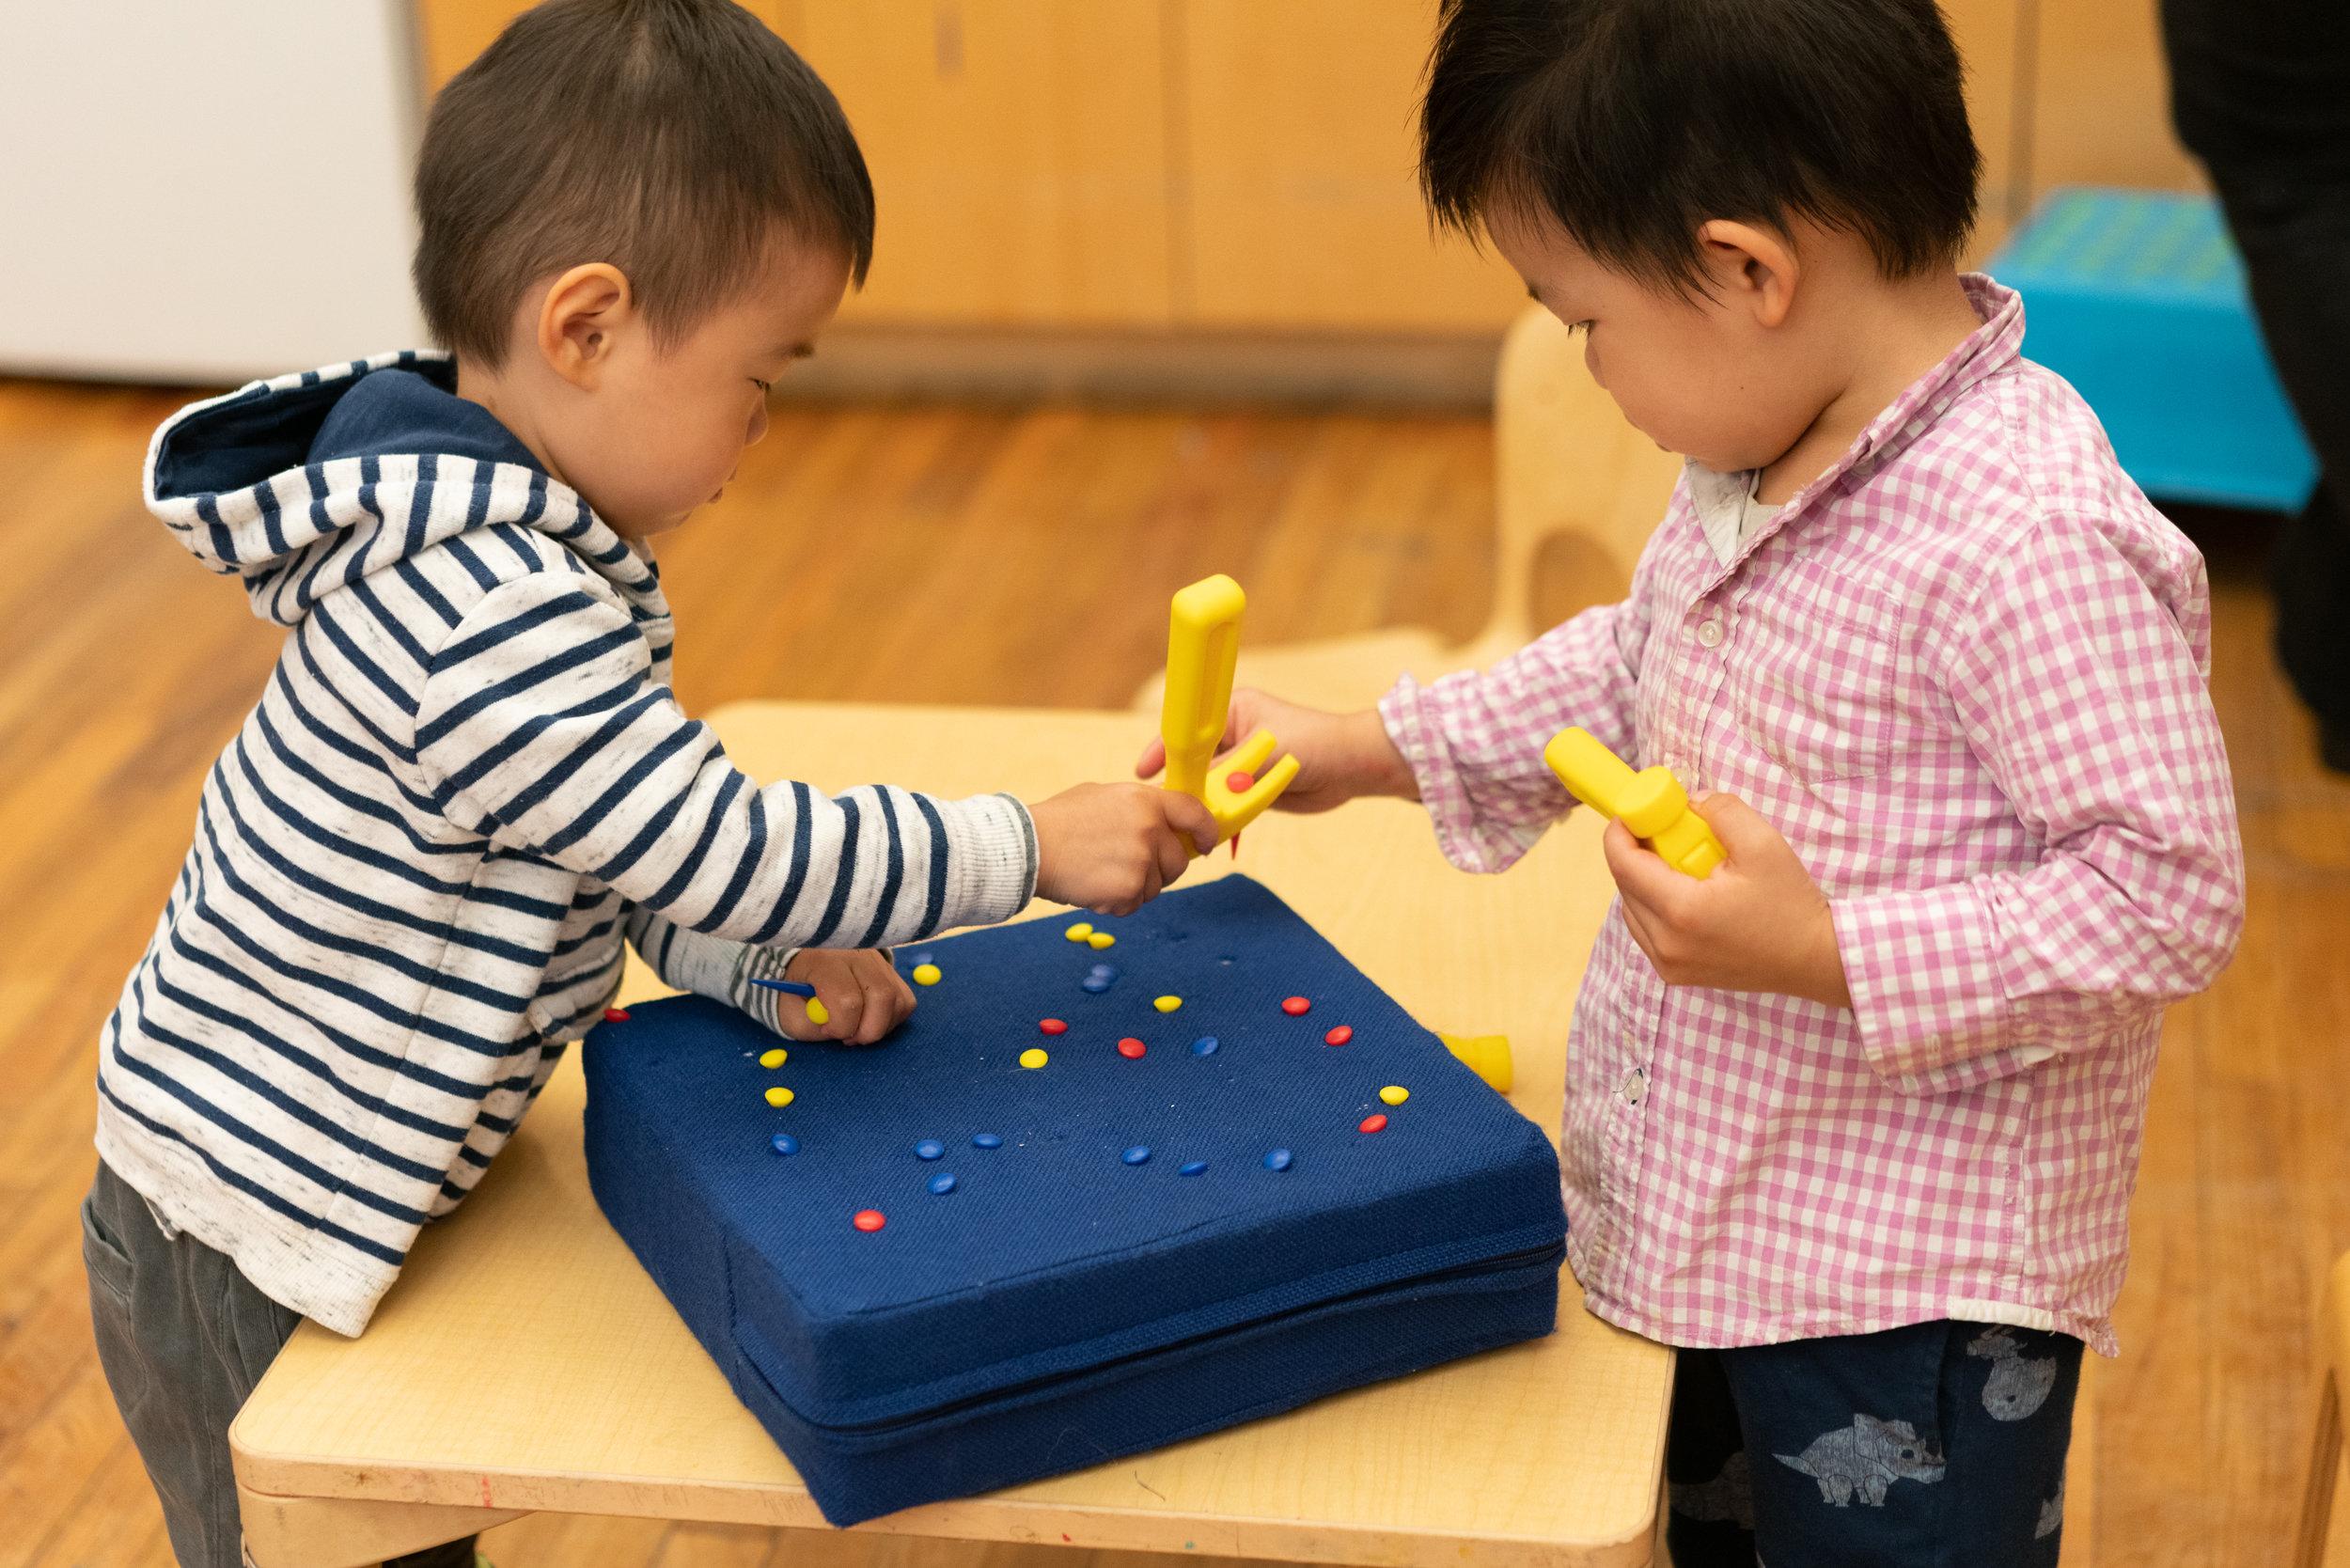 Nursery School 2s Program Corlears